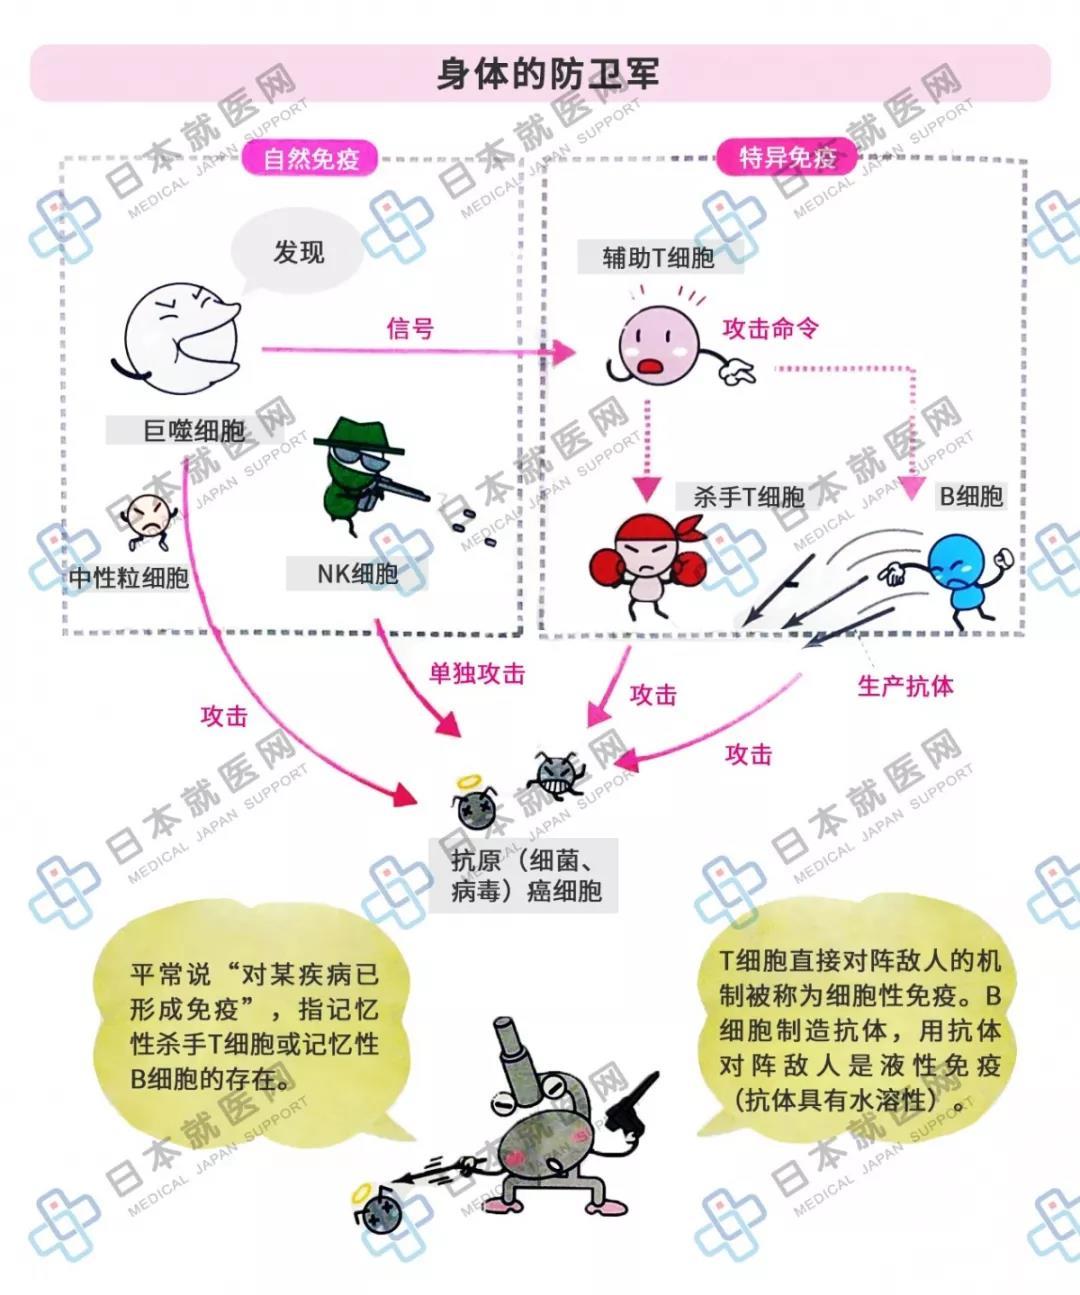 炎症解读3 | 免疫是机体的防御机制